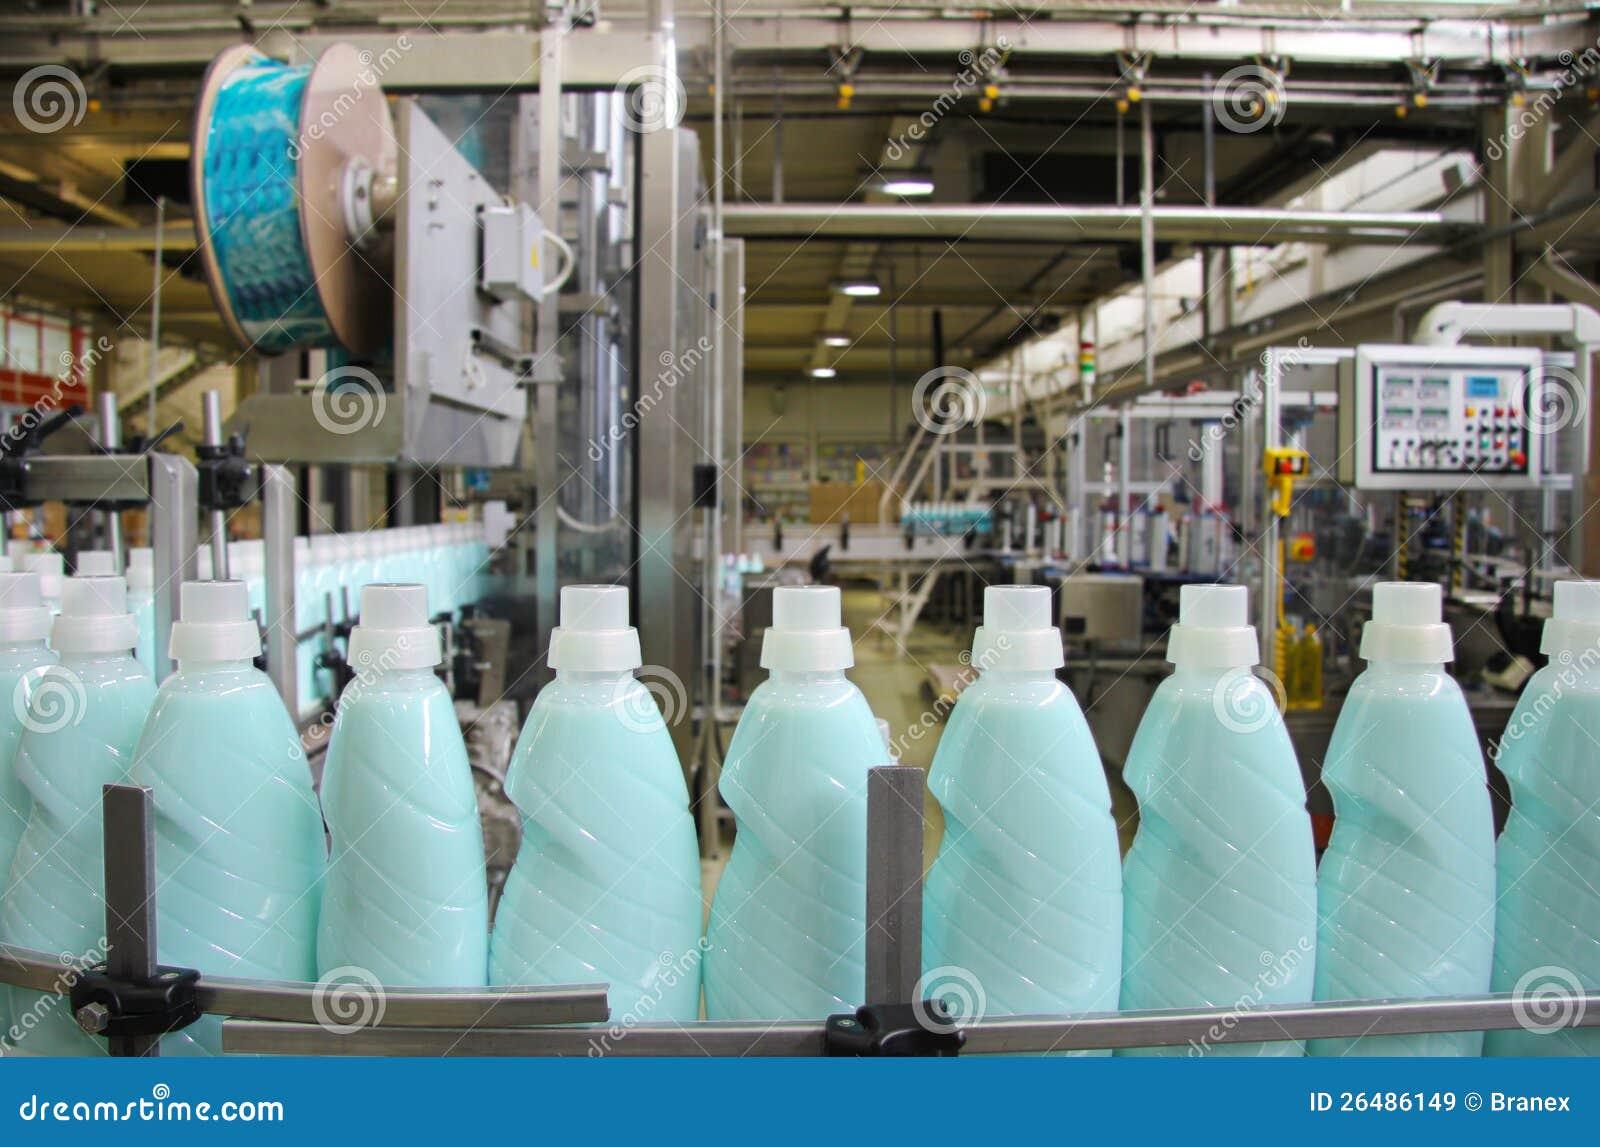 Produktion des flüssigen Reinigungsmittels